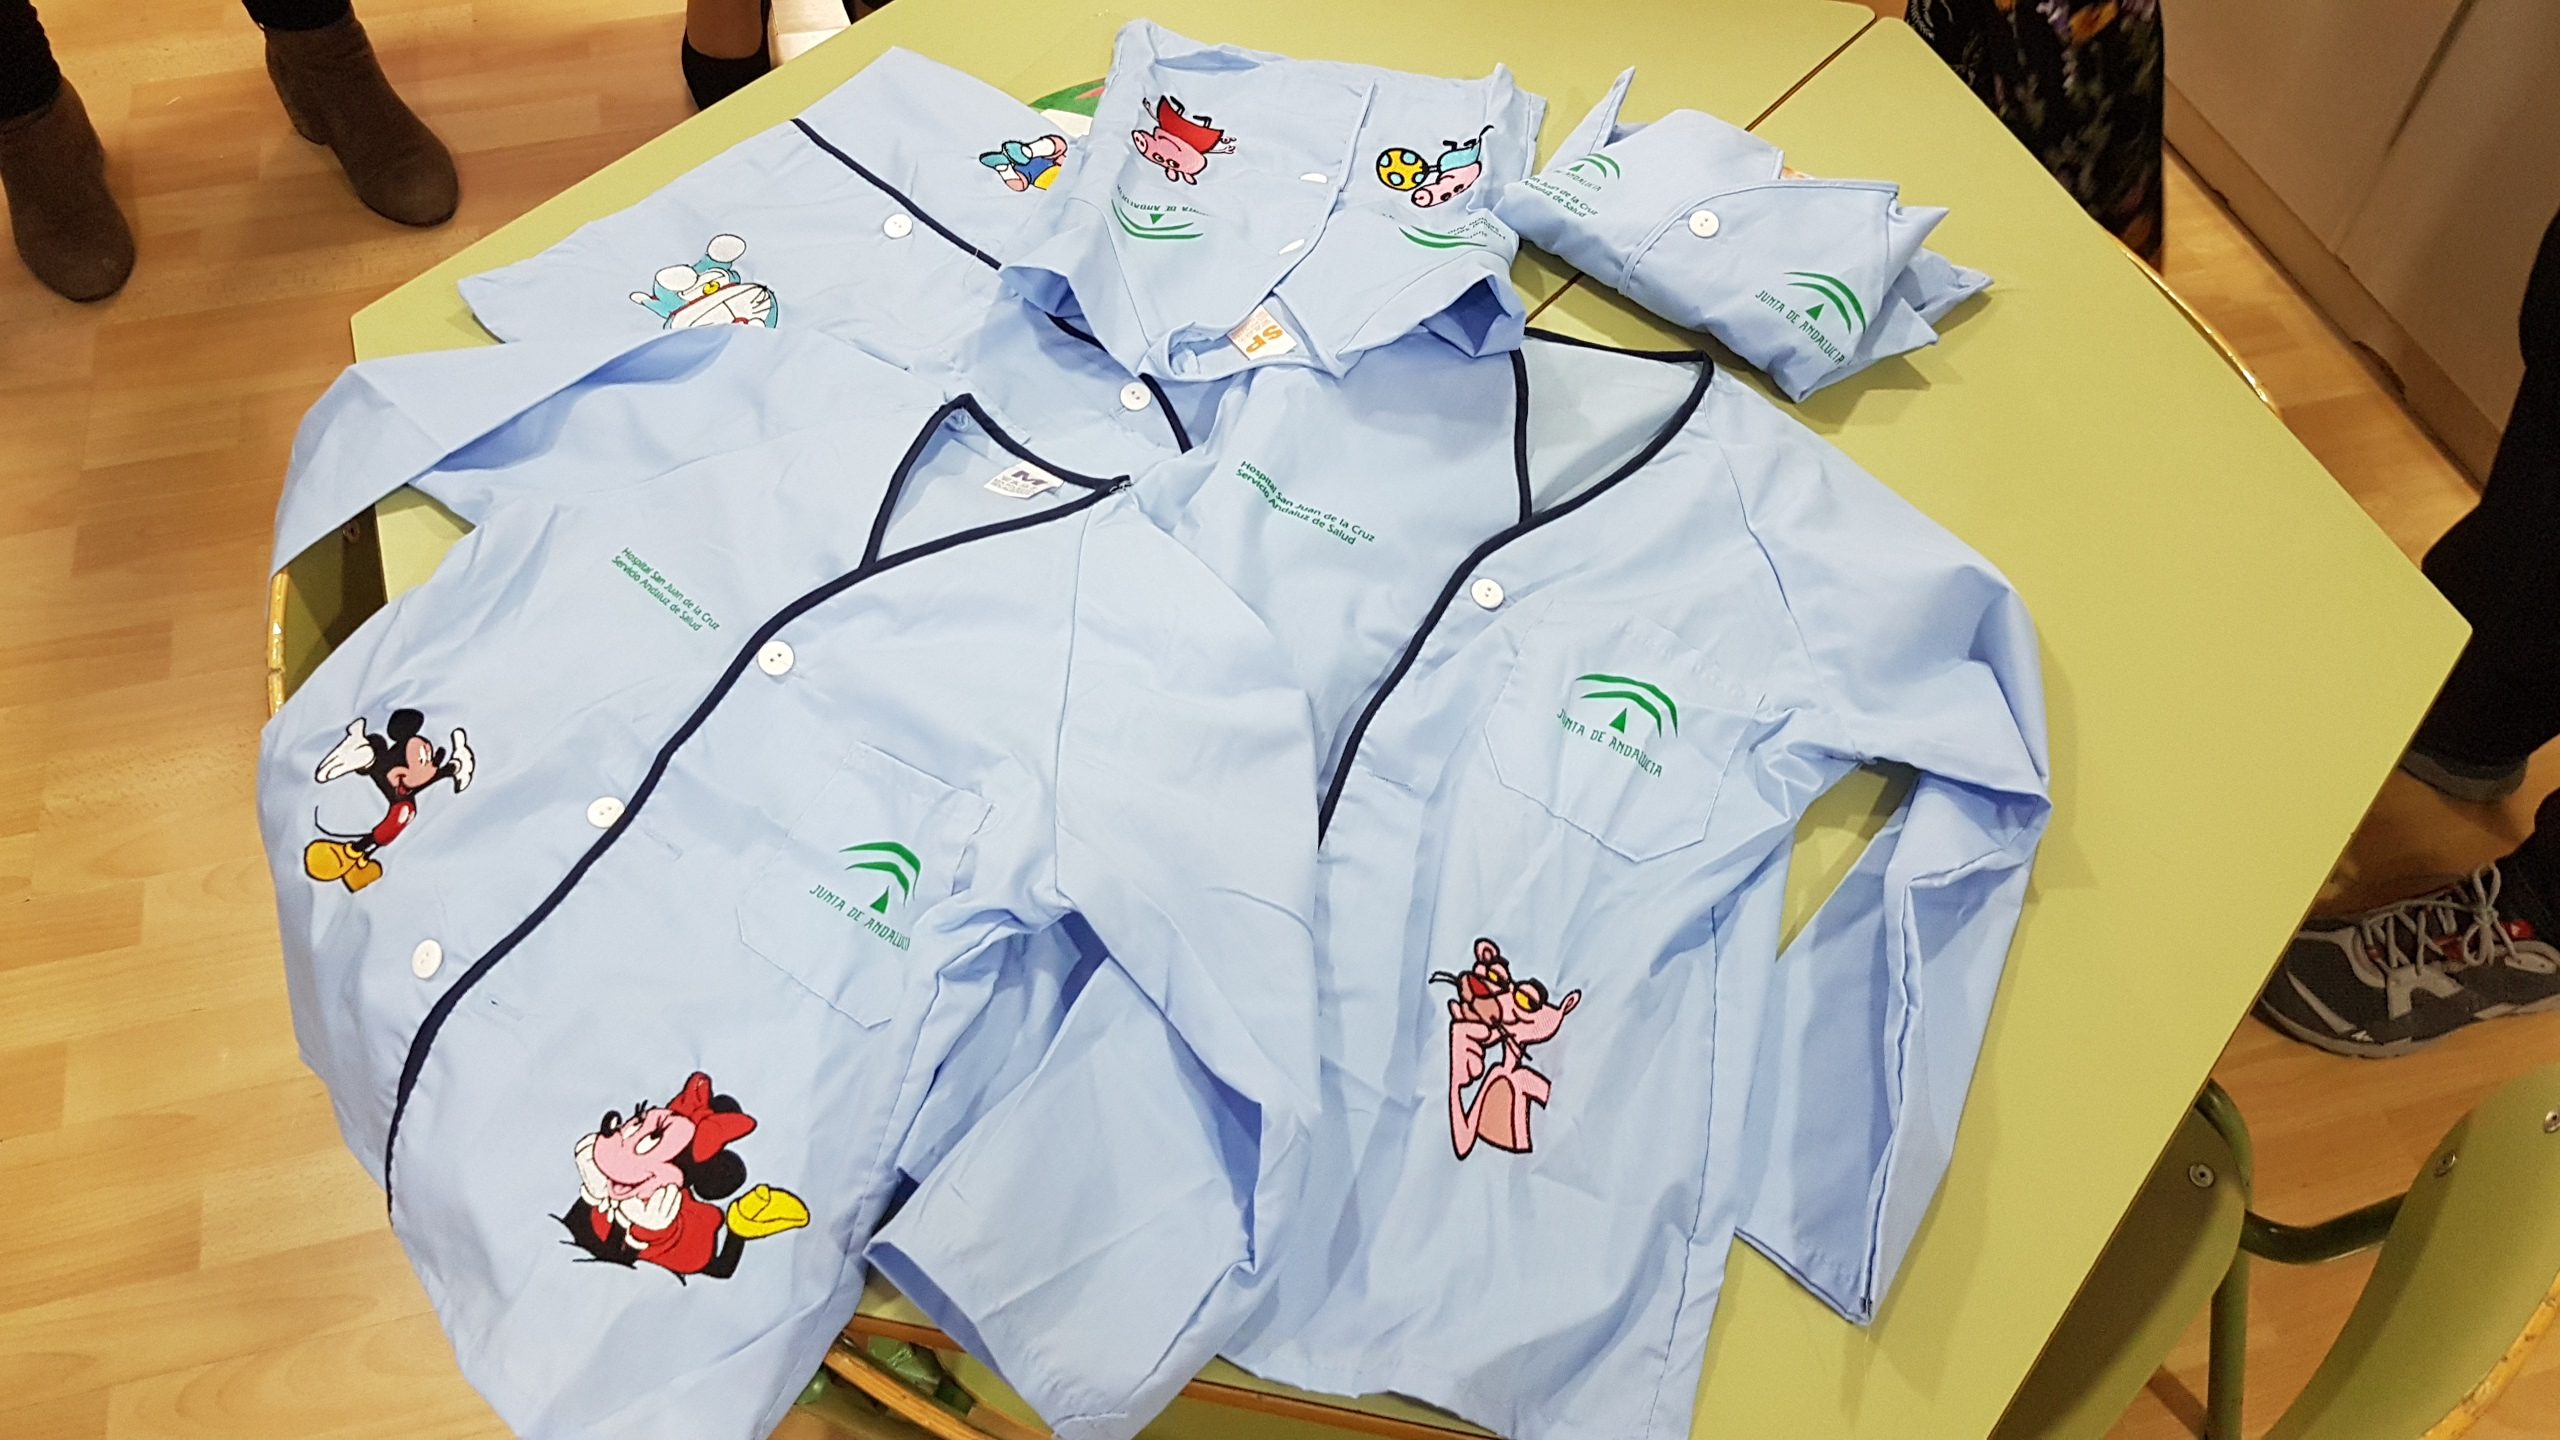 56b867279 Los niños hospitalizados del San Juan de la Cruz ya disponen de pijamas  personalizados con sus personajes de dibujos favoritos